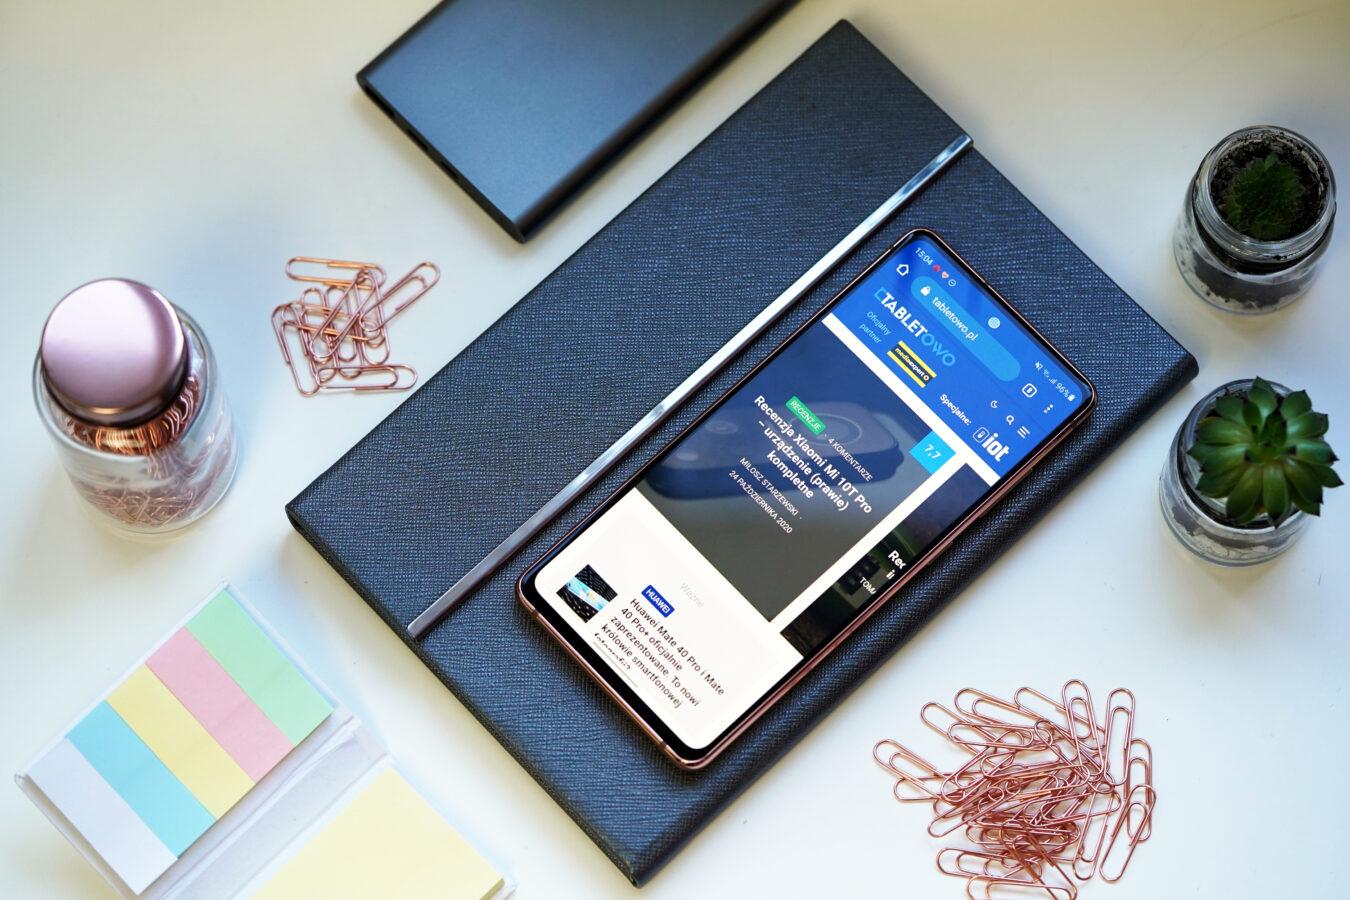 Samsung Galaxy S20 FE 5G doczeka się następcy - są kolejne informacje o Galaxy S21 FE